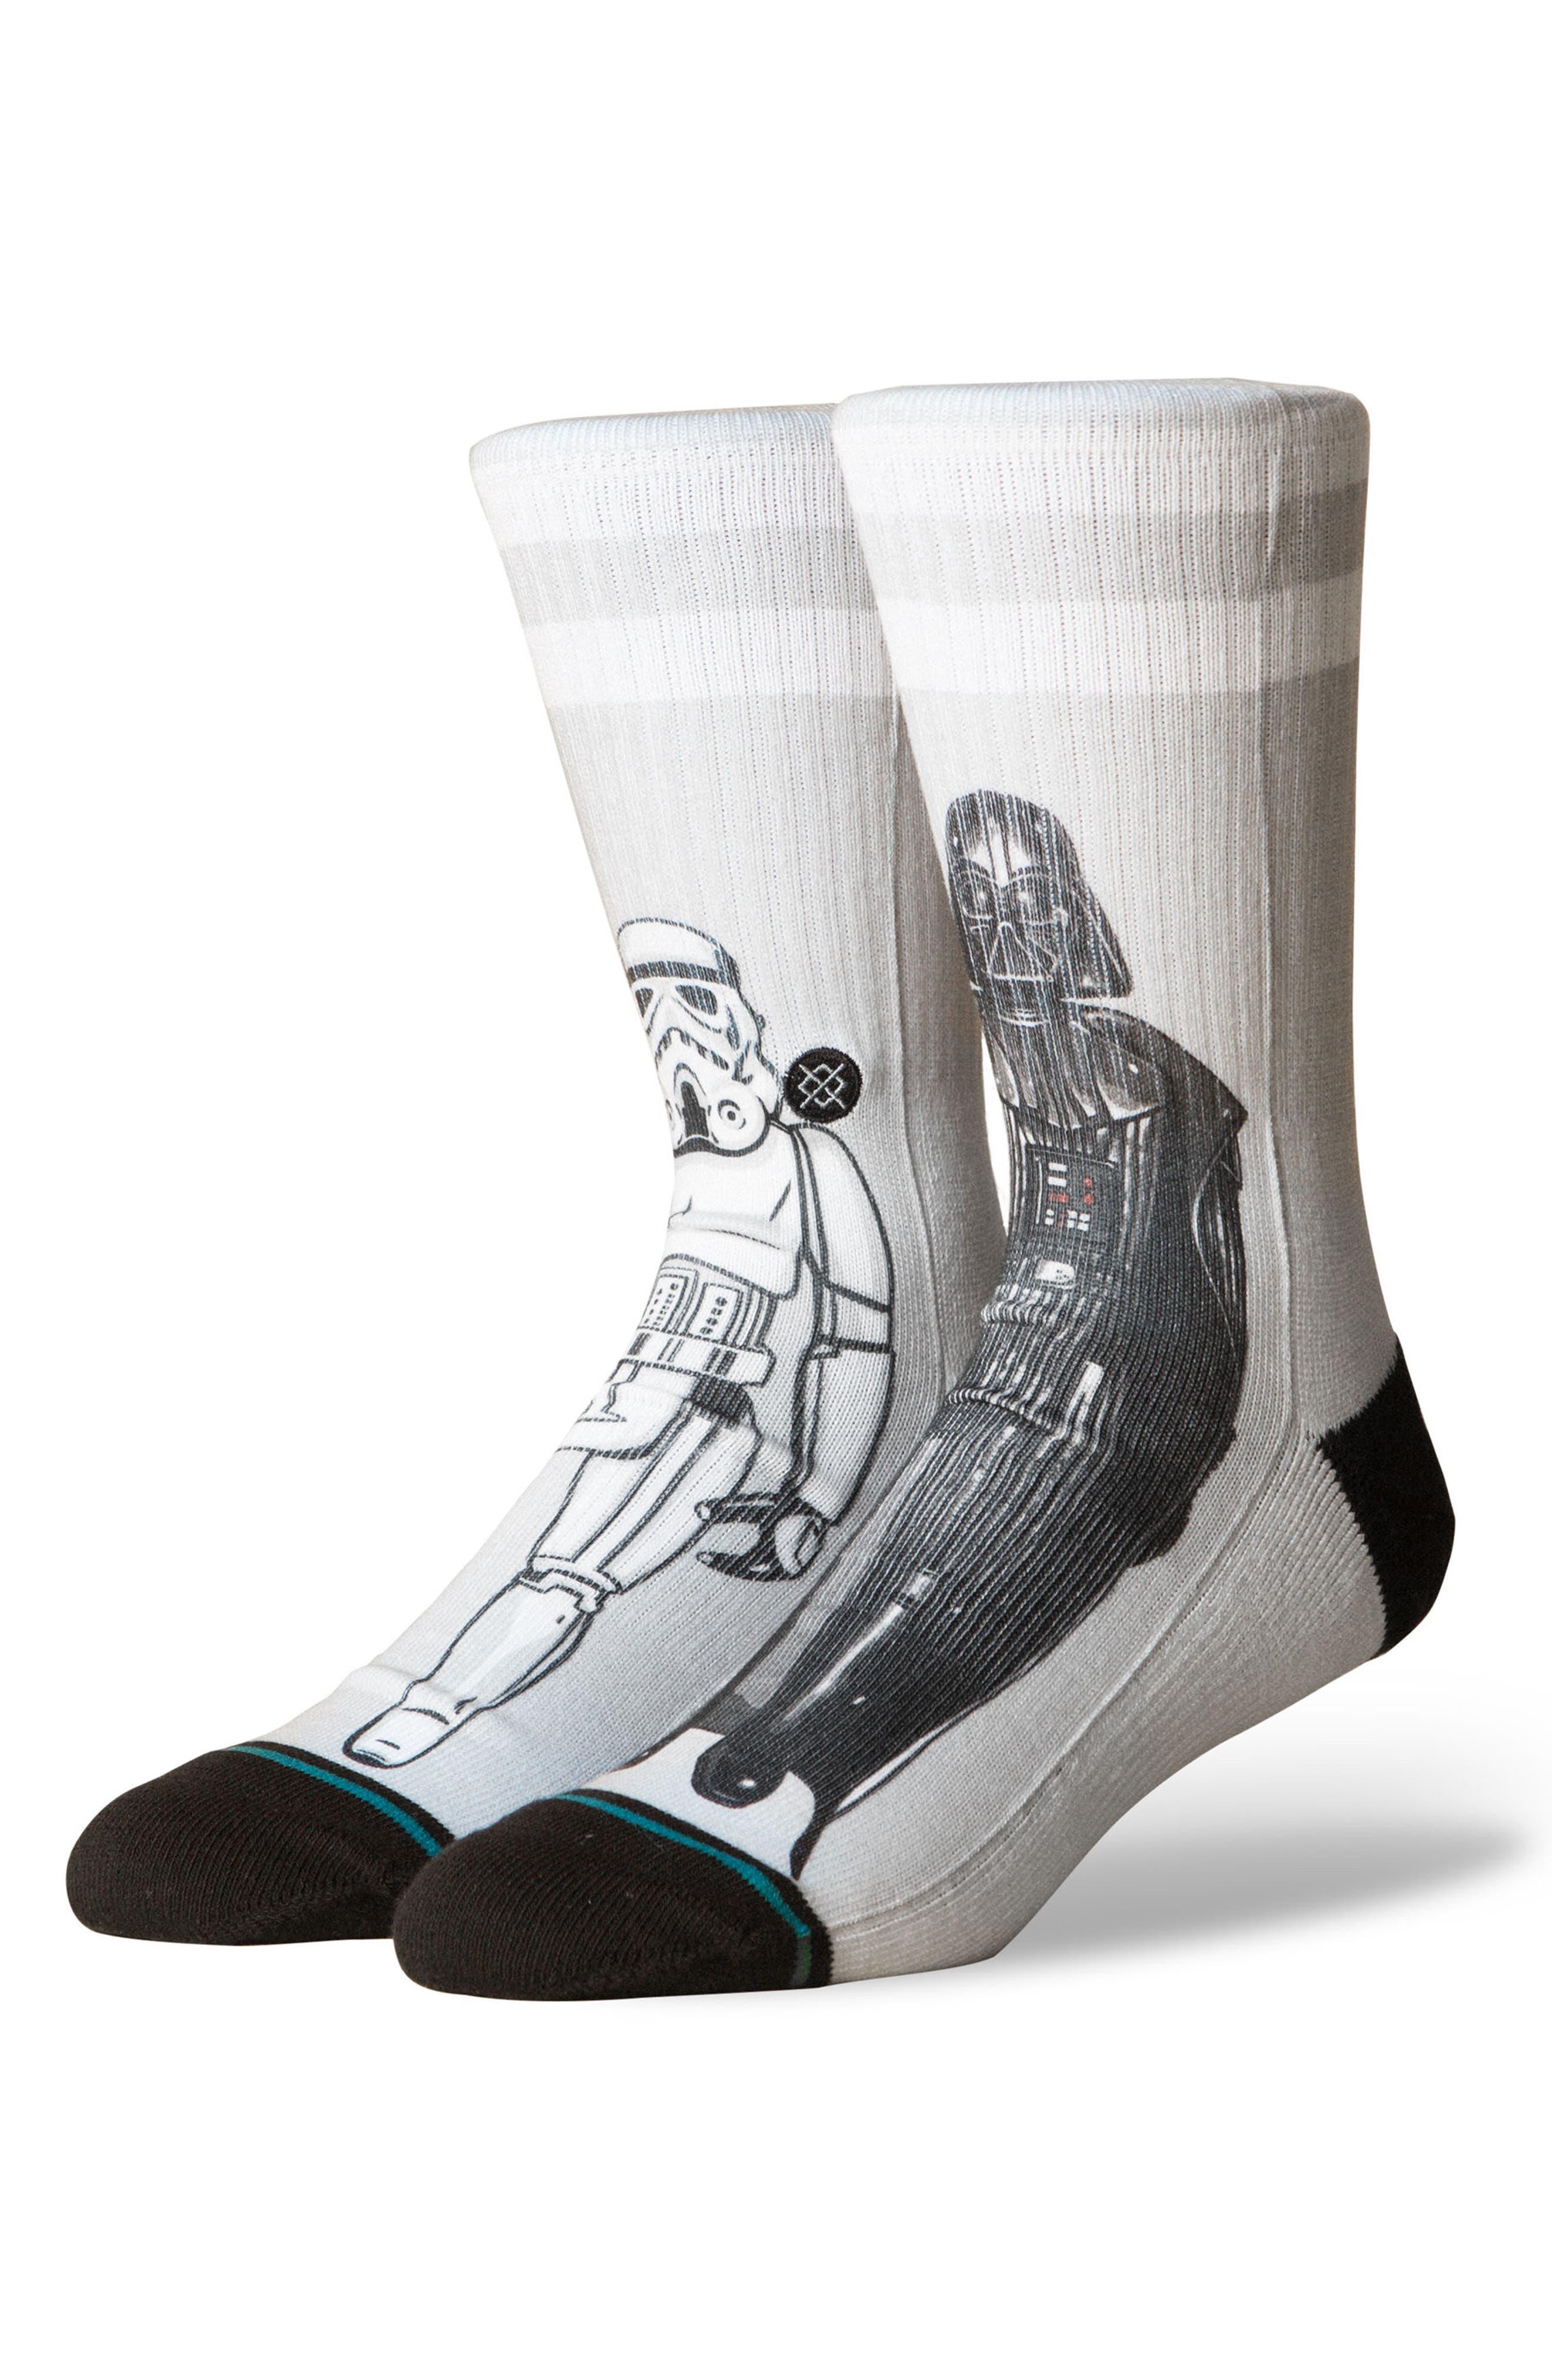 Star Wars<sup>™</sup> Master of Evil Socks,                             Main thumbnail 1, color,                             Grey